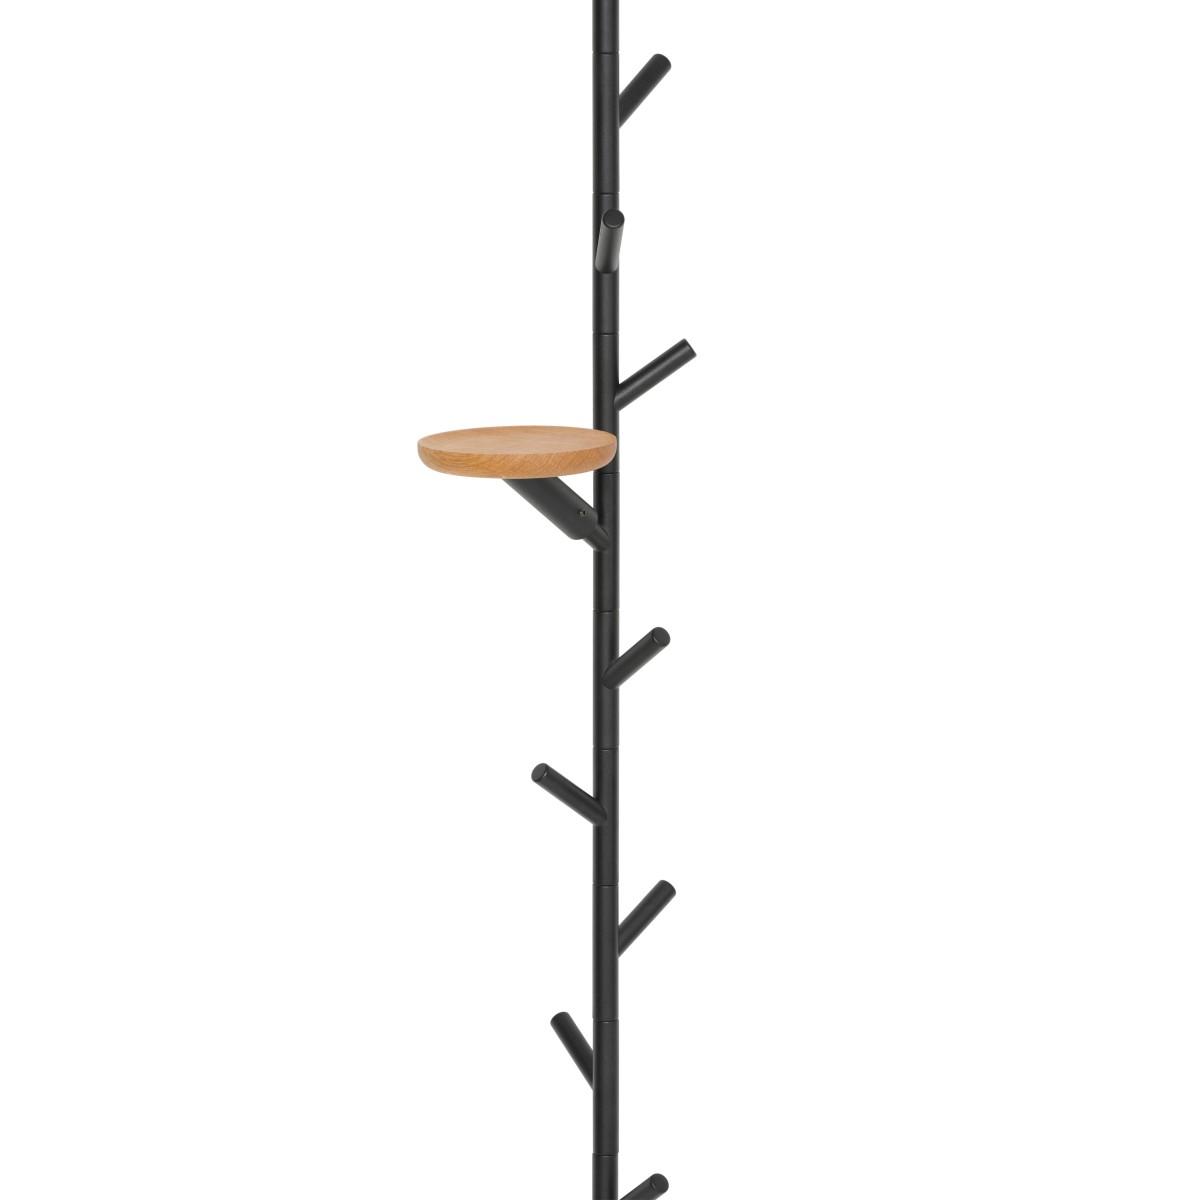 SUMI Wandgarderobe mit Ablage rund, Eiche natur